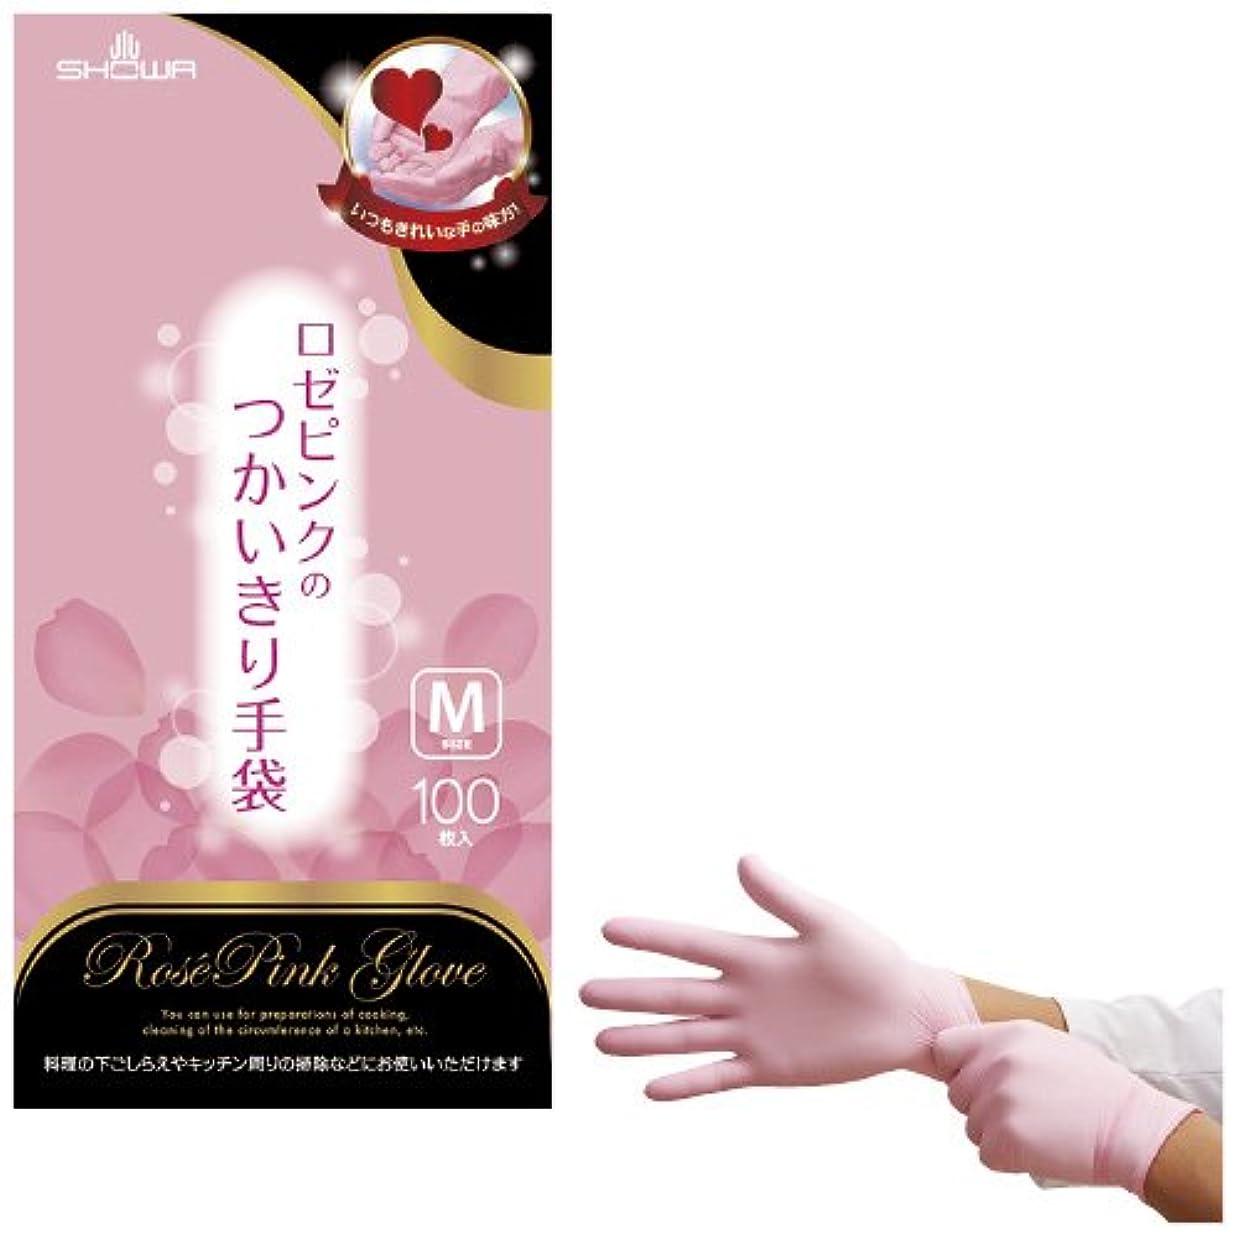 クール乳白色ルームニトリルつかいきり手袋 ロゼピンク ???????????????????? NO.855(M)100????【20箱単位】(24-5453-01)